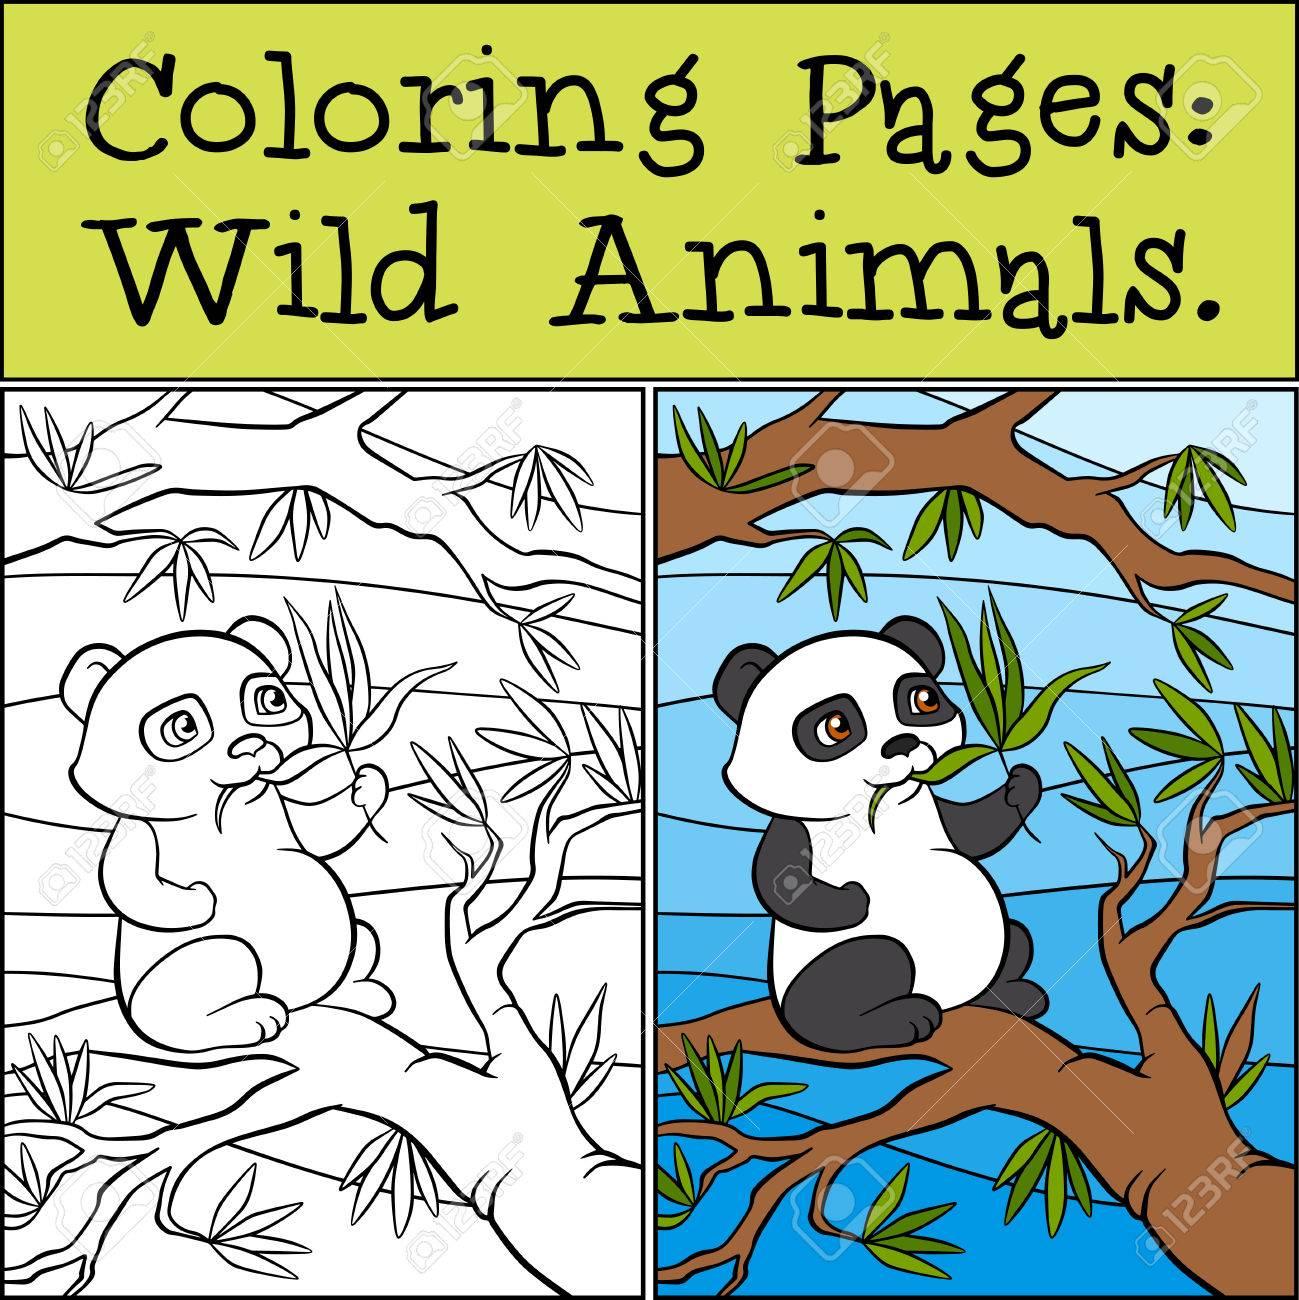 Malvorlagen: Wild Animals. Kleine Nette Pands Sitzt Auf Dem Baum Und ...